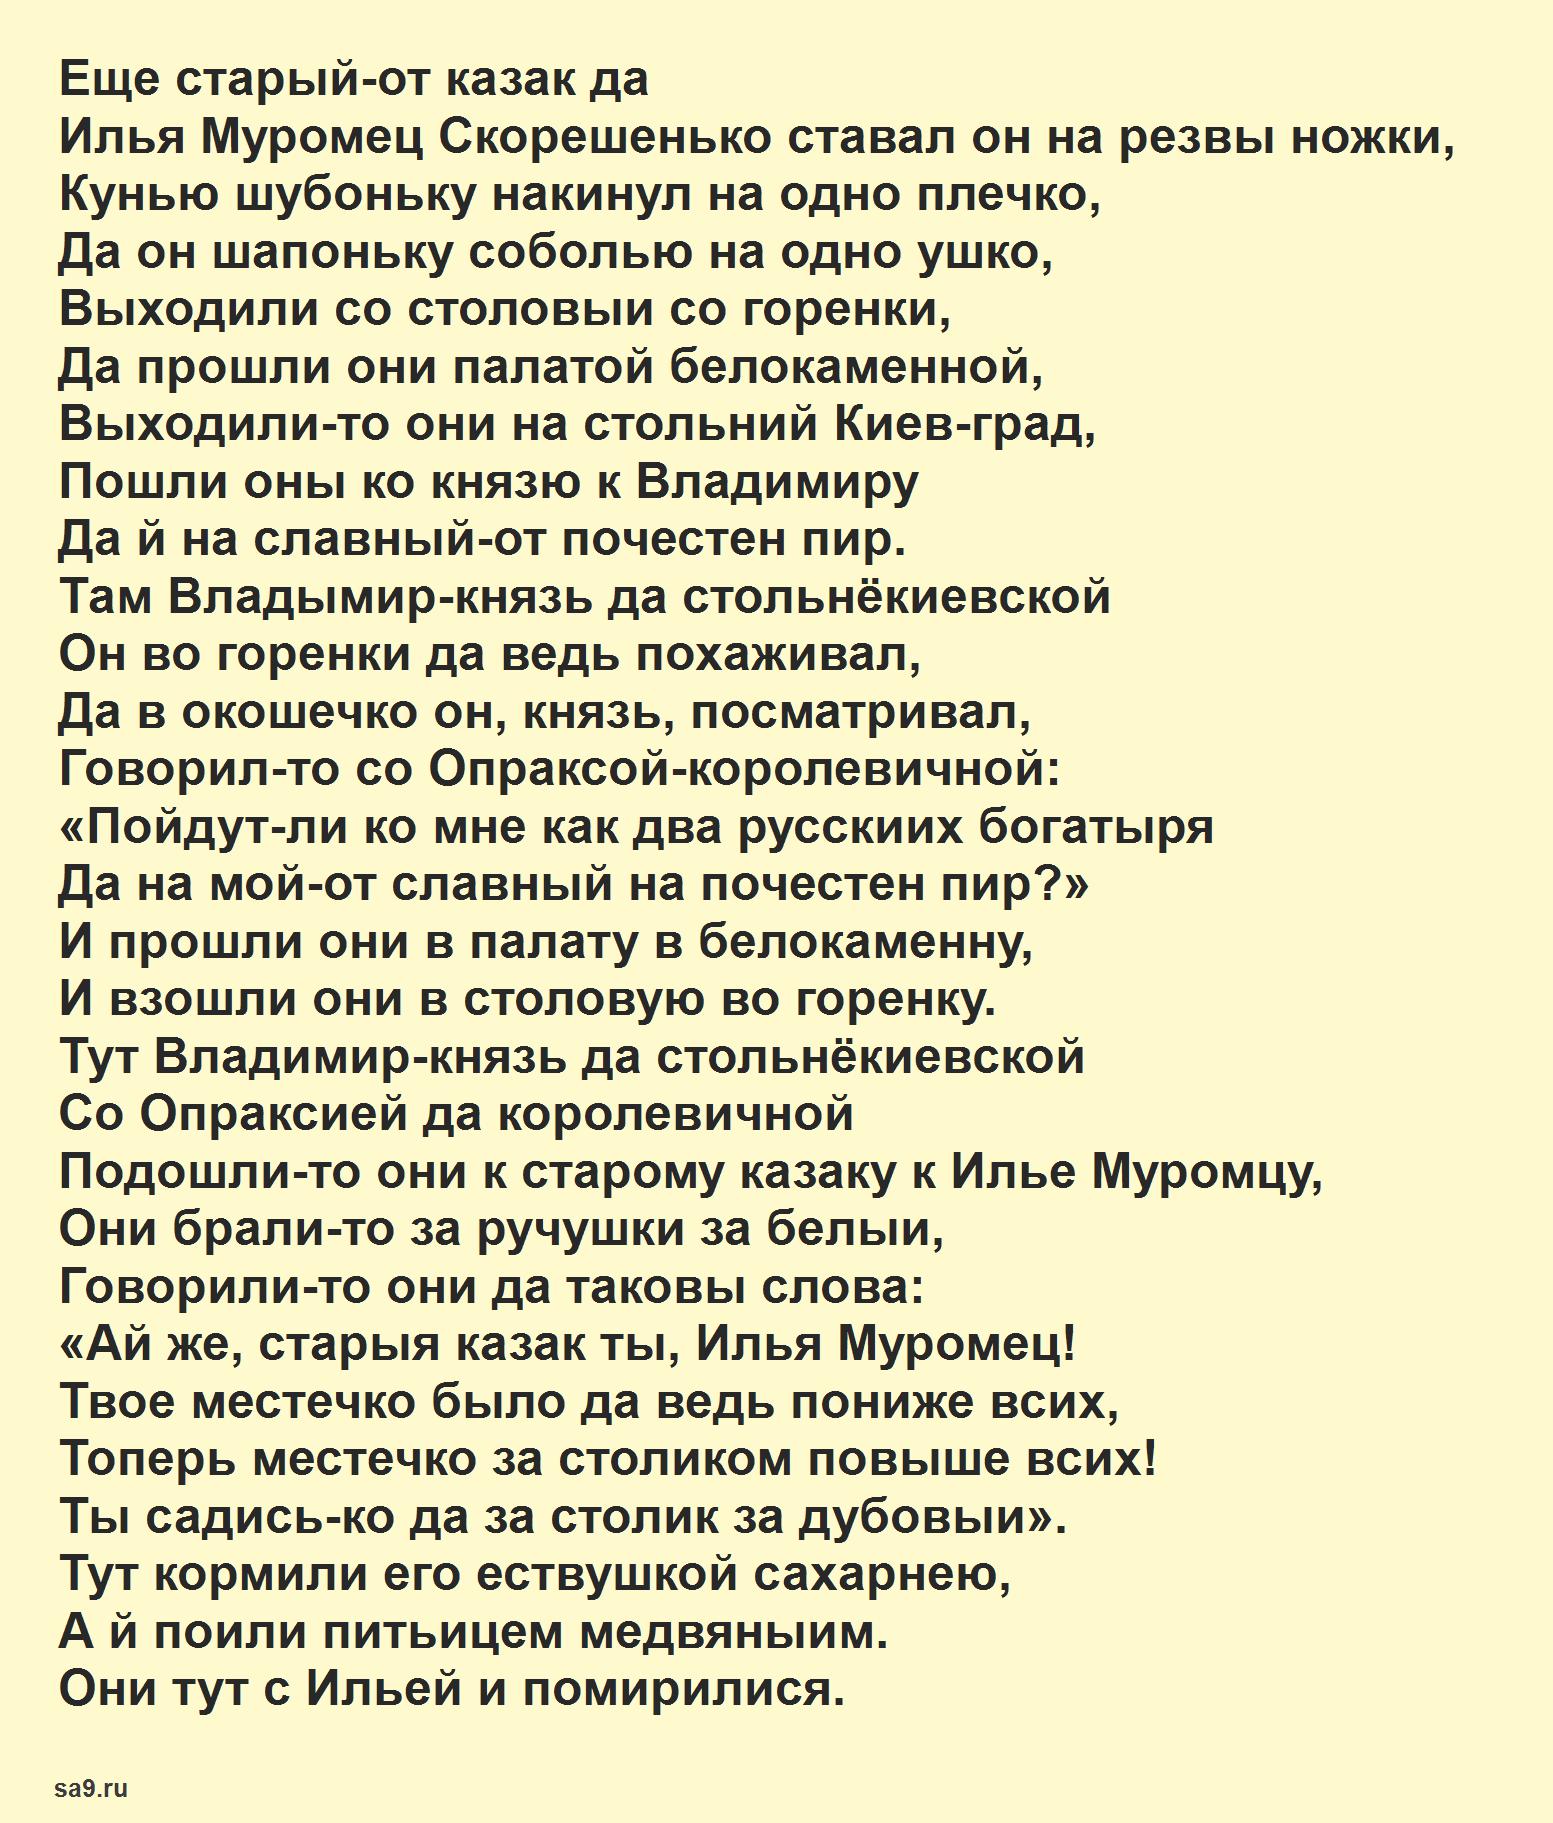 Читать былину - Илья Муромец и голи кабацкие, полностью бесплатно